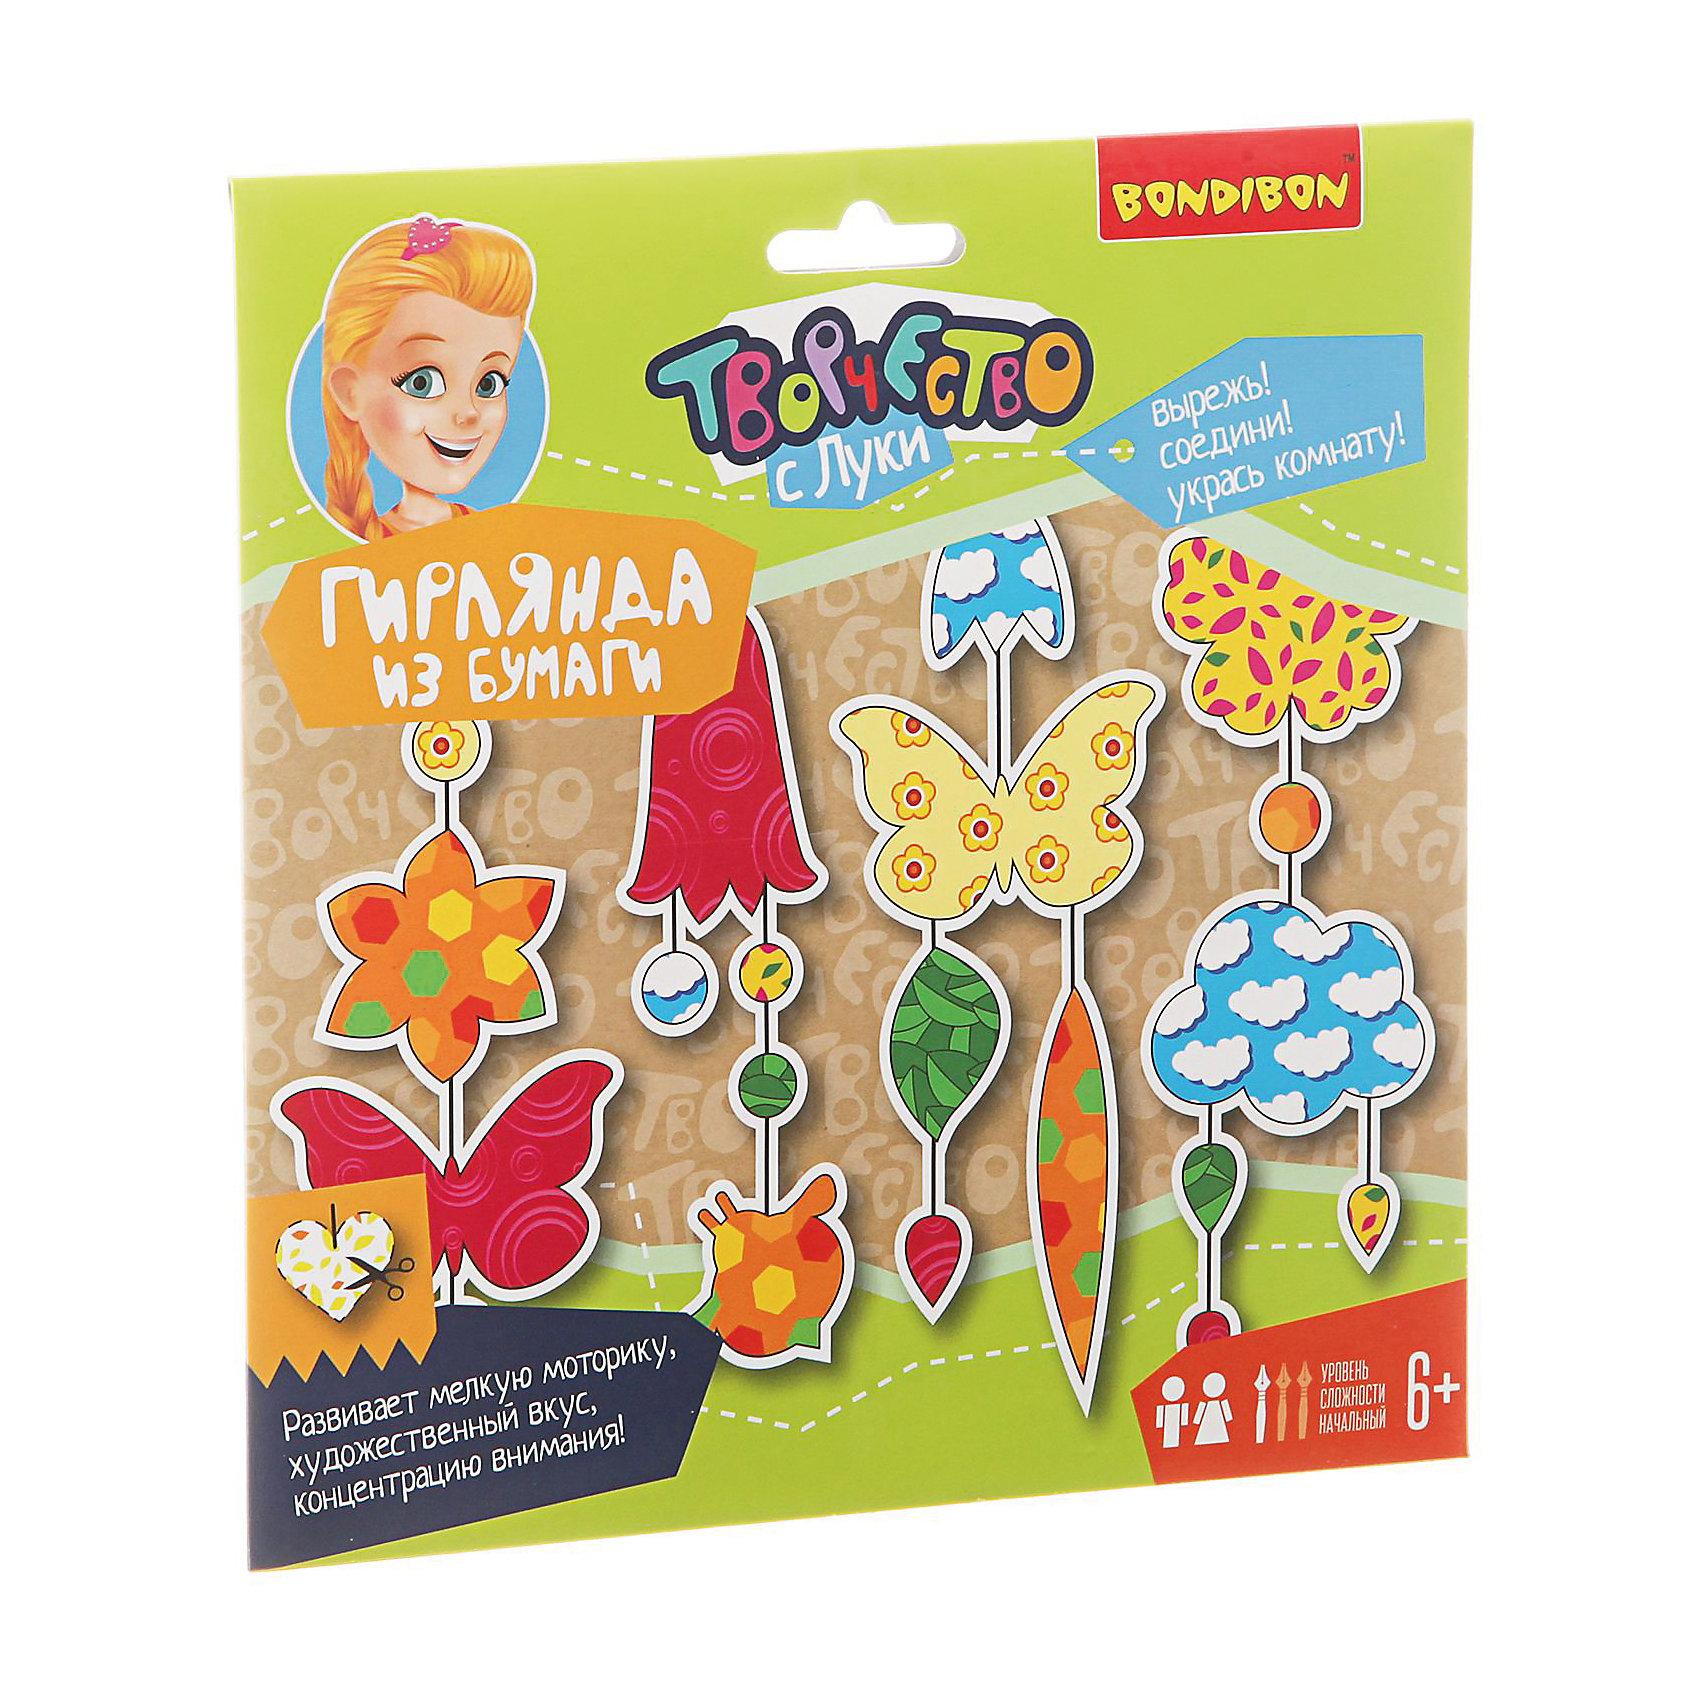 Гирлянда из бумаги Цветочная поляна, BondibonКиригами это - вид оригами, который предполагает фигурное вырезание бумажных деталей при помощи ножниц. С наборами от Bondibon ваш ребенок с легкостью освоит новую технику и придумает красочные гирлянды для украшения своей комнаты!<br><br>Ширина мм: 230<br>Глубина мм: 5<br>Высота мм: 230<br>Вес г: 62<br>Возраст от месяцев: 72<br>Возраст до месяцев: 192<br>Пол: Унисекс<br>Возраст: Детский<br>SKU: 5398967